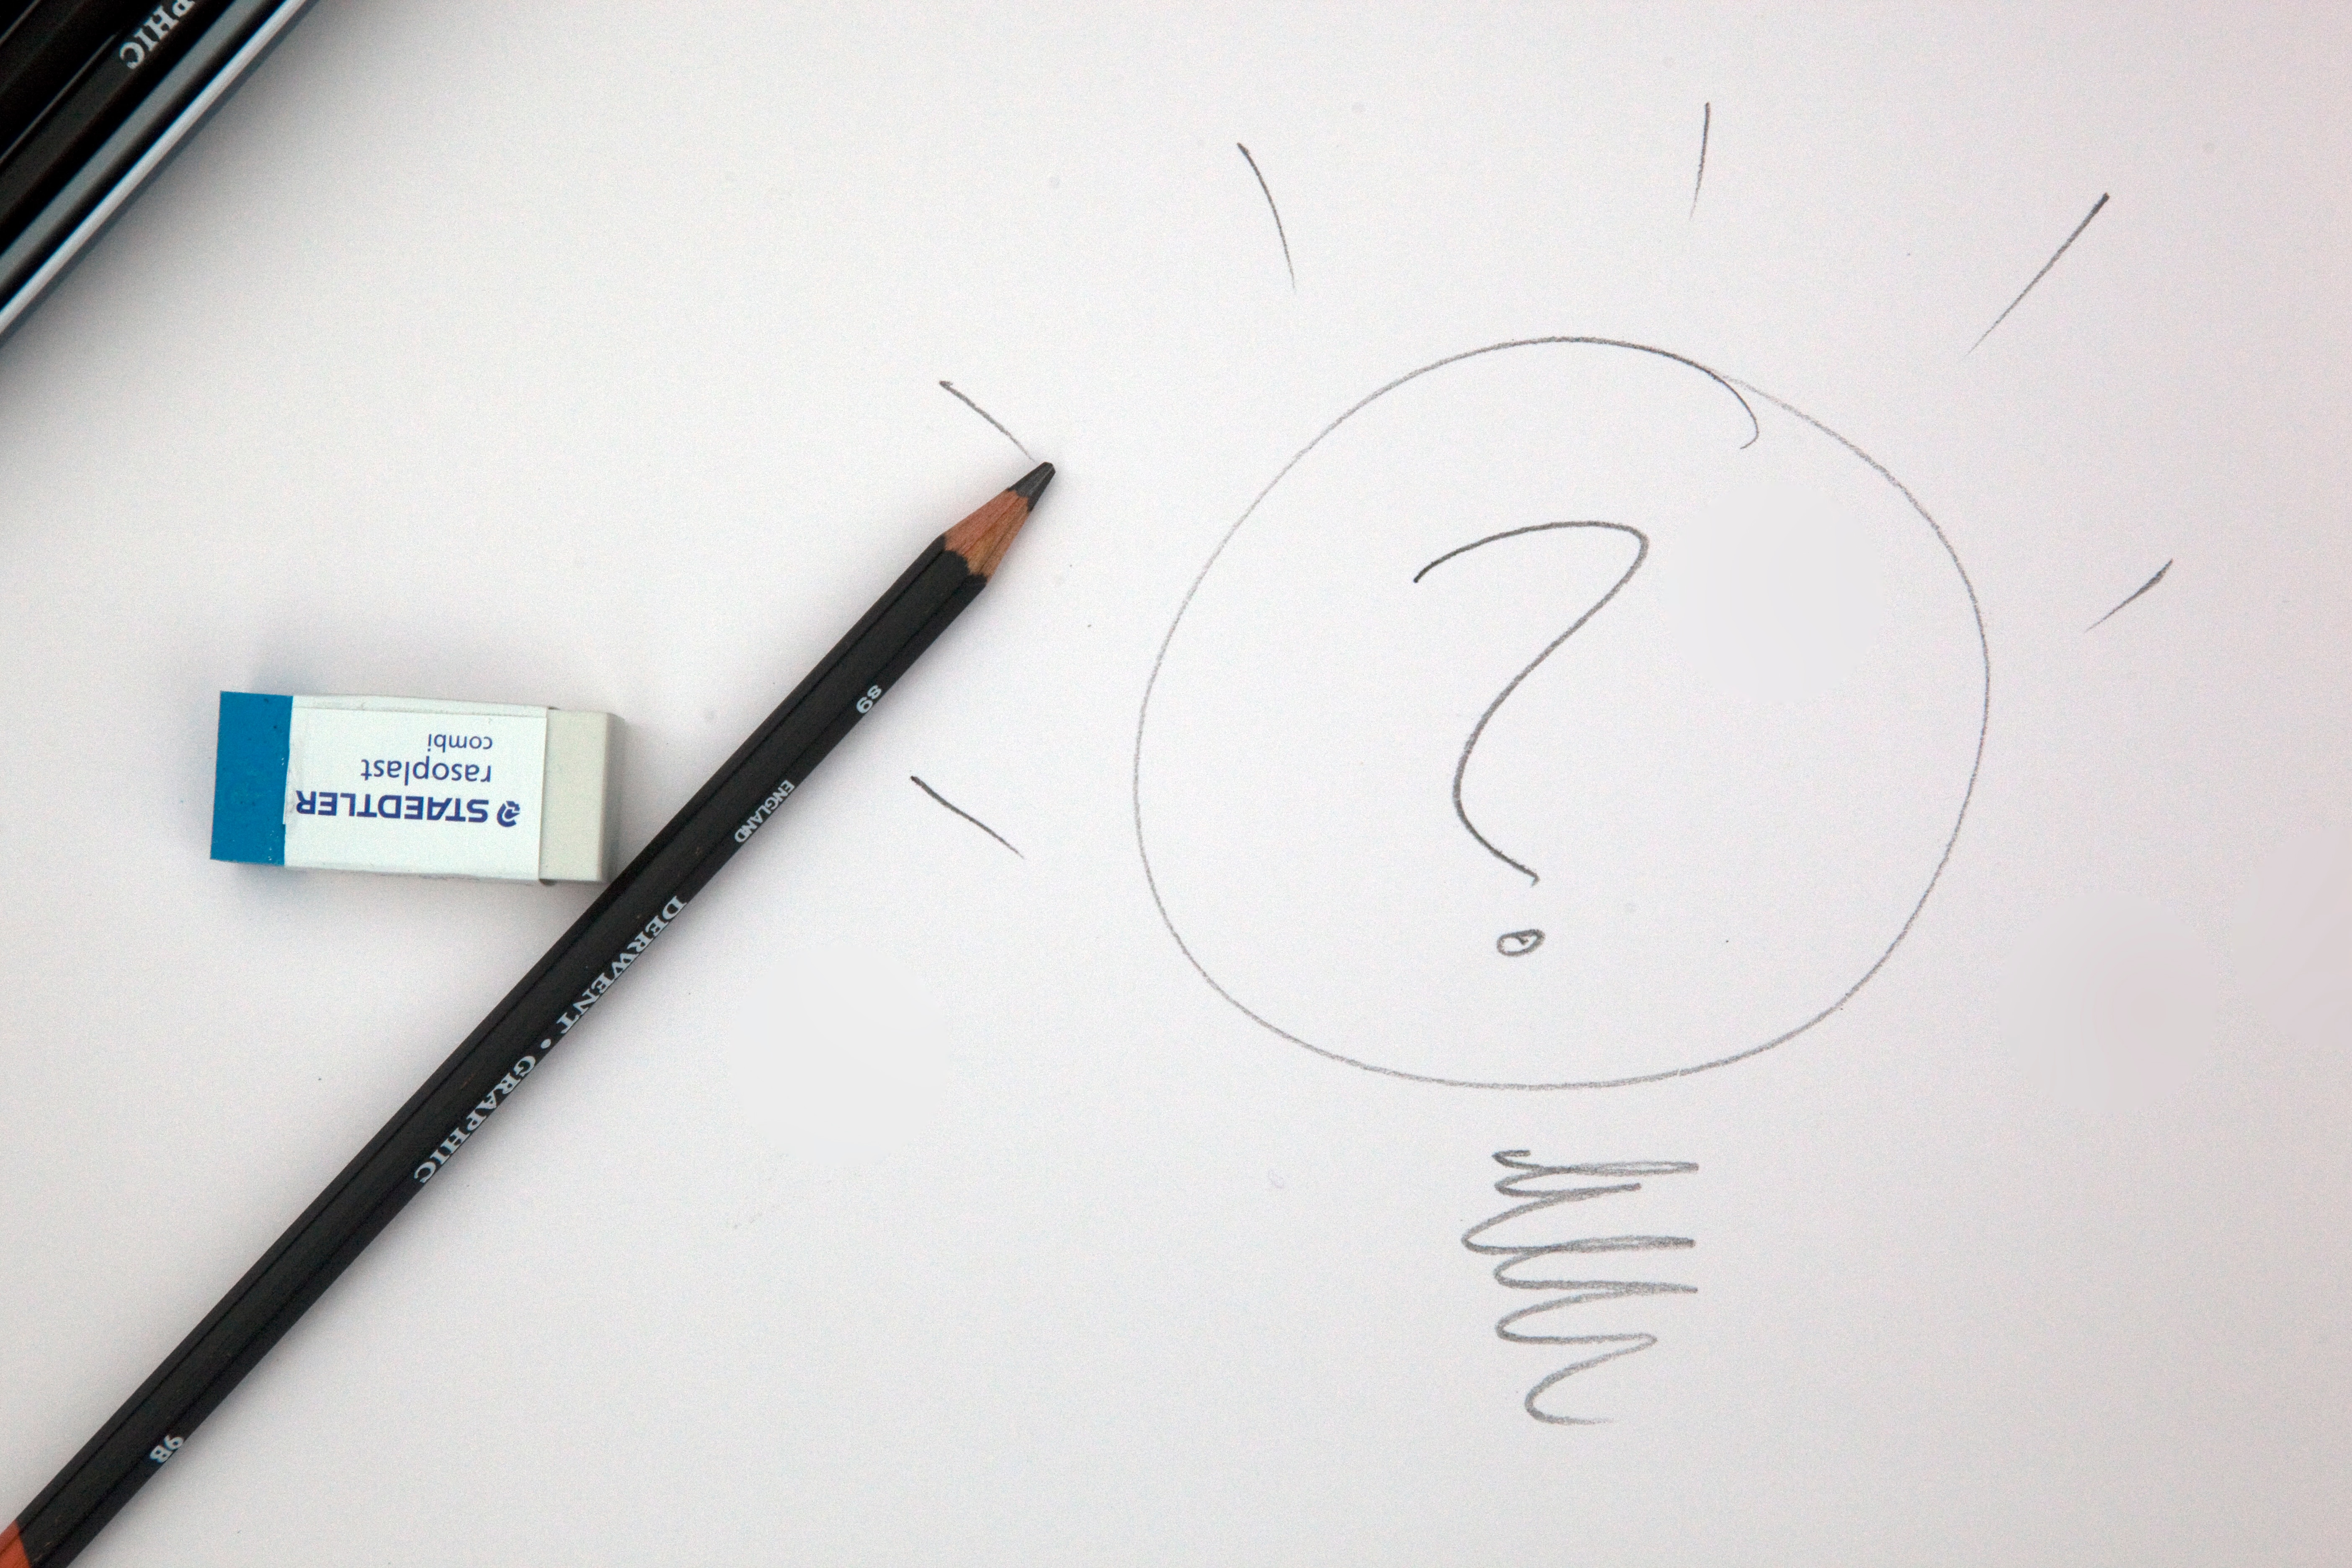 O que é Inovação Disruptiva? Confira Exemplos e Saiba a Importância